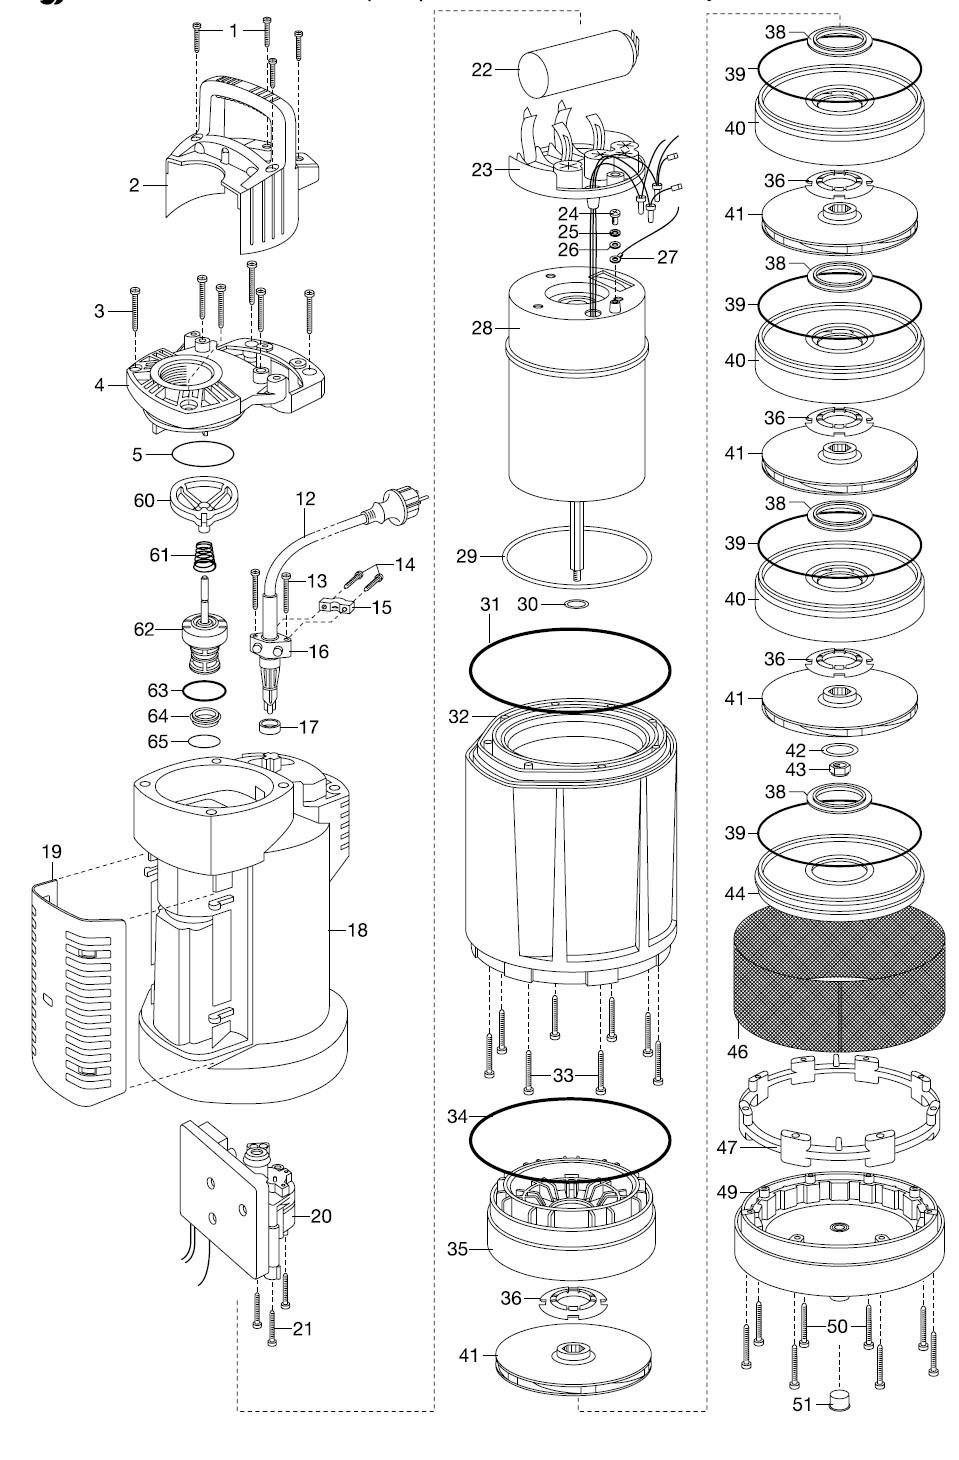 ersatzteile gardena tauch druckpumpe 6000 5 automatic 1476 ab bj 2013 ersatzteil fee. Black Bedroom Furniture Sets. Home Design Ideas